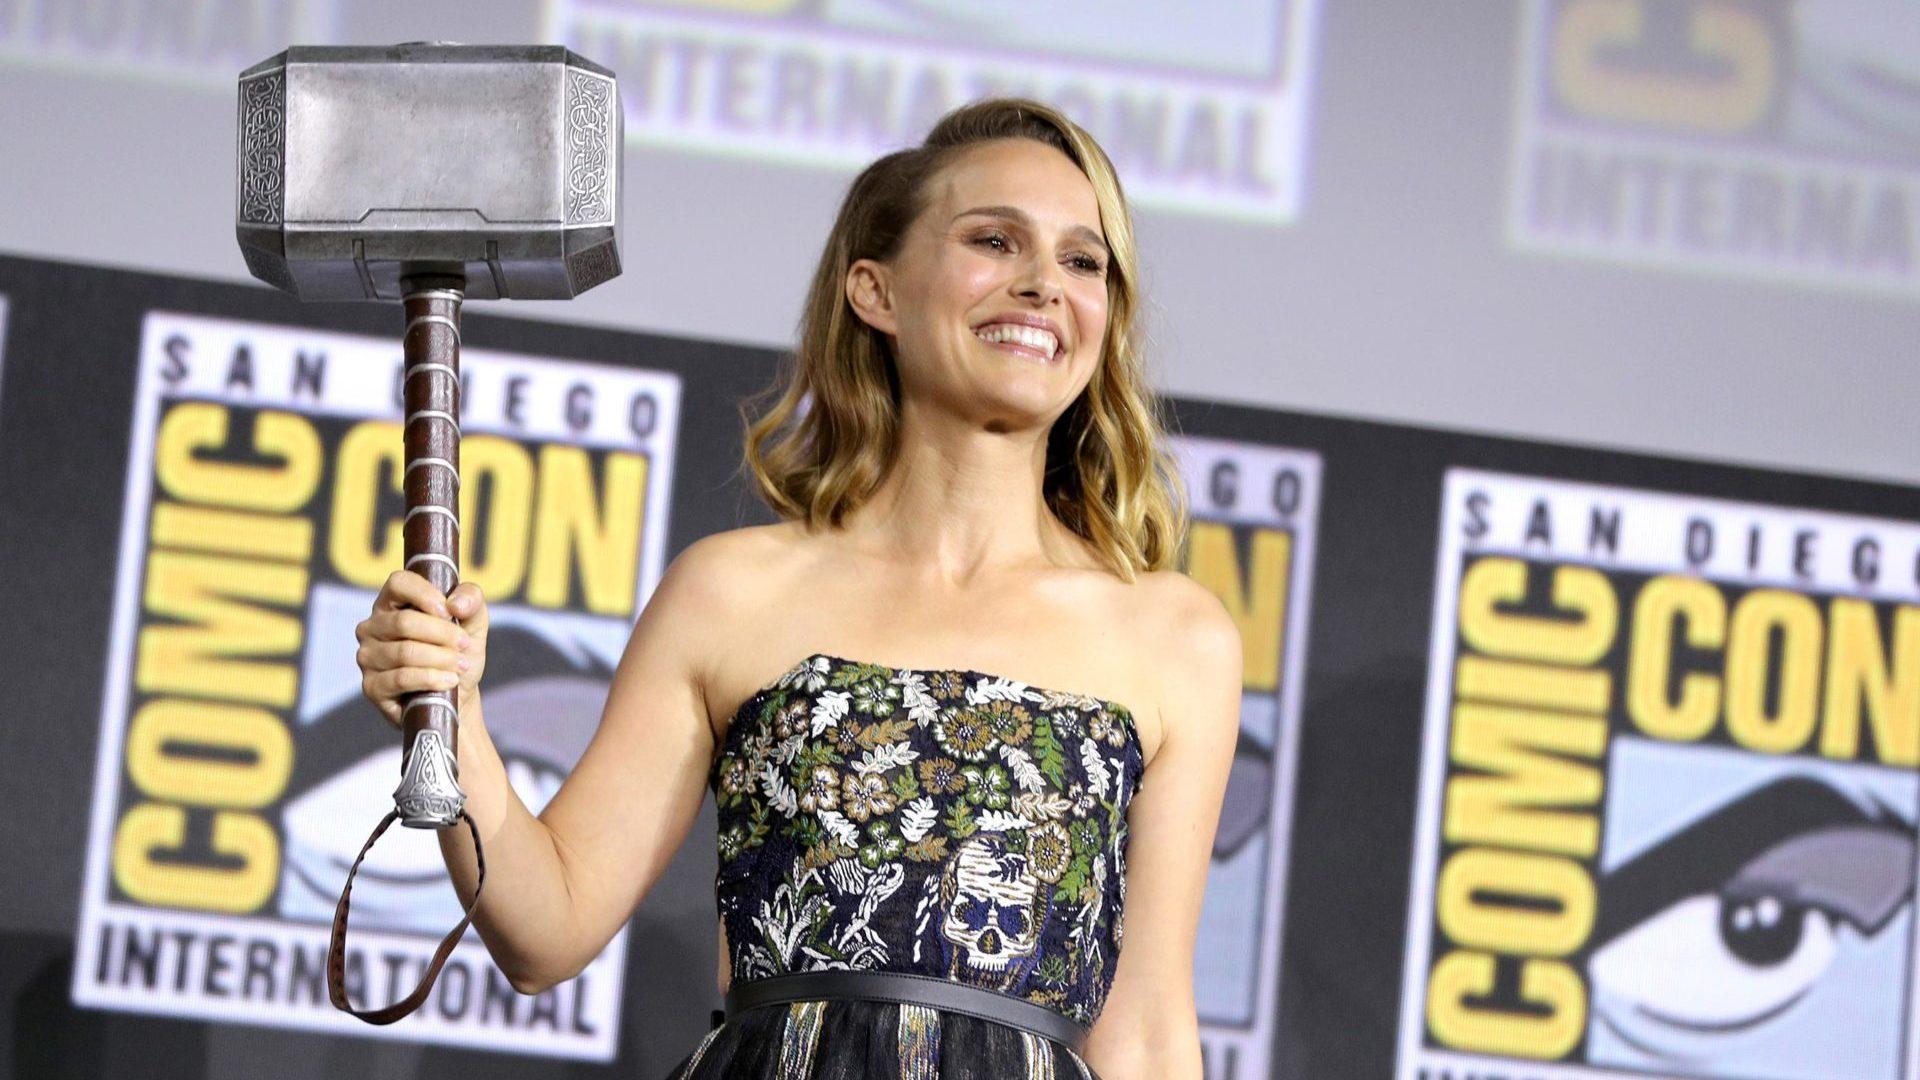 Marvel finalmente investe no protagonismo feminino e na diversidade em nova fase!